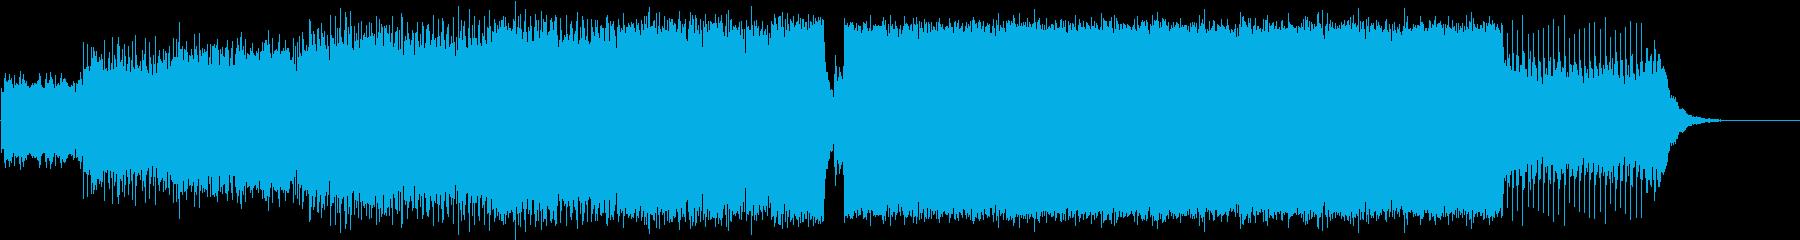 オーケストラ×クールエレクトロ OP等の再生済みの波形